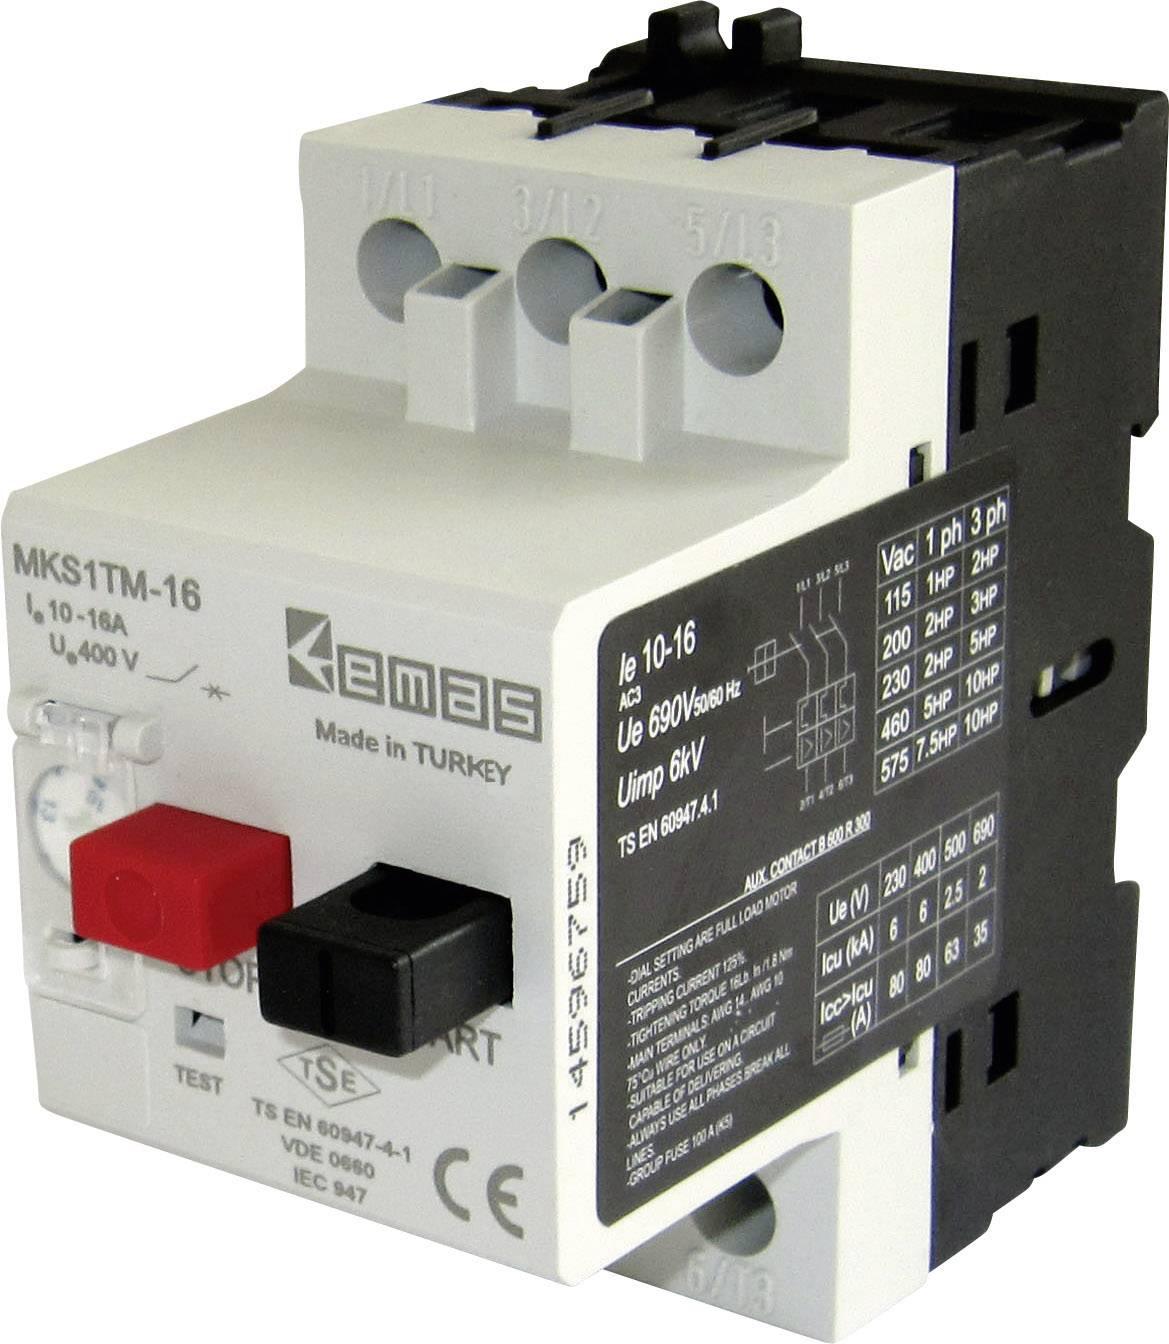 Ochranný spínač motoru EMAS MKS1TM-16, 400 V/AC, 16.0 A 1 ks